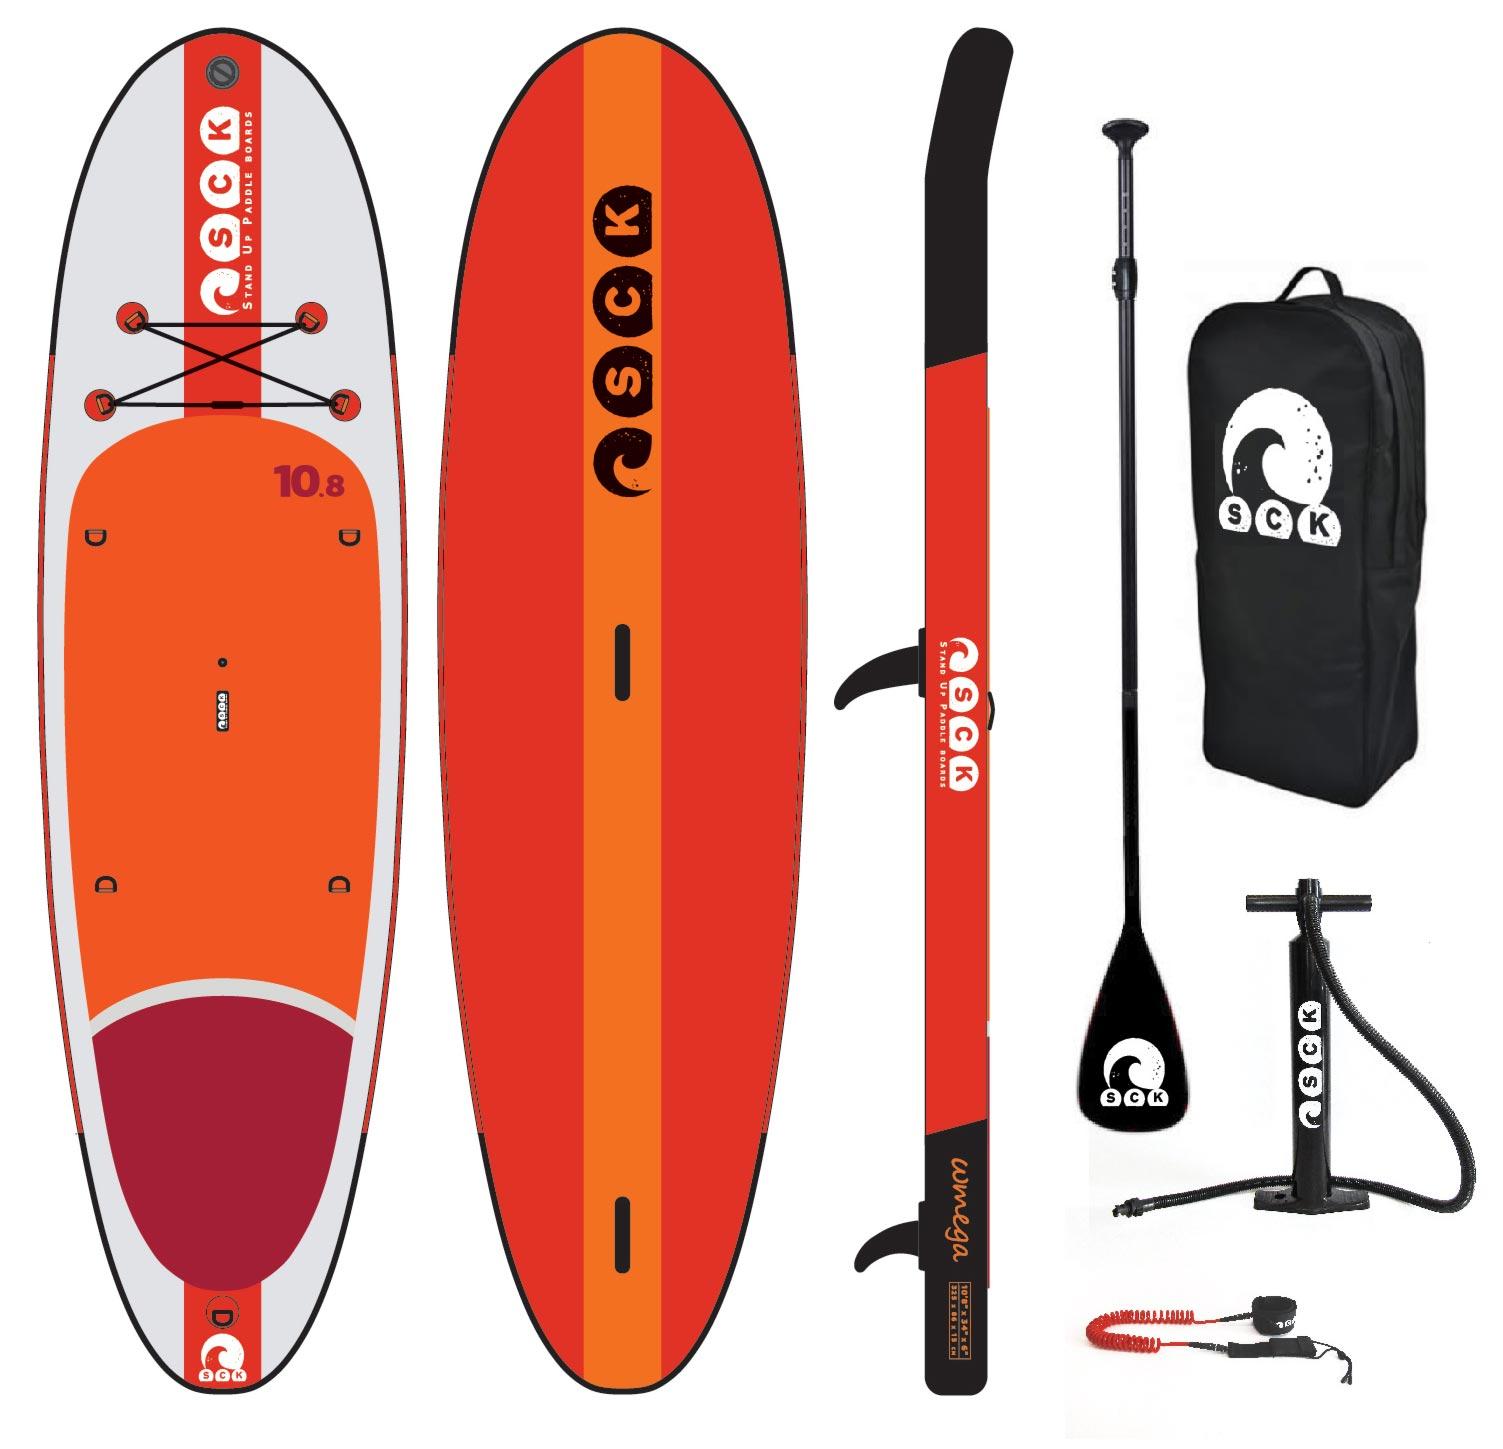 Φουσκωτό SUP/windsurf ωmega 10'8'' πακέτο